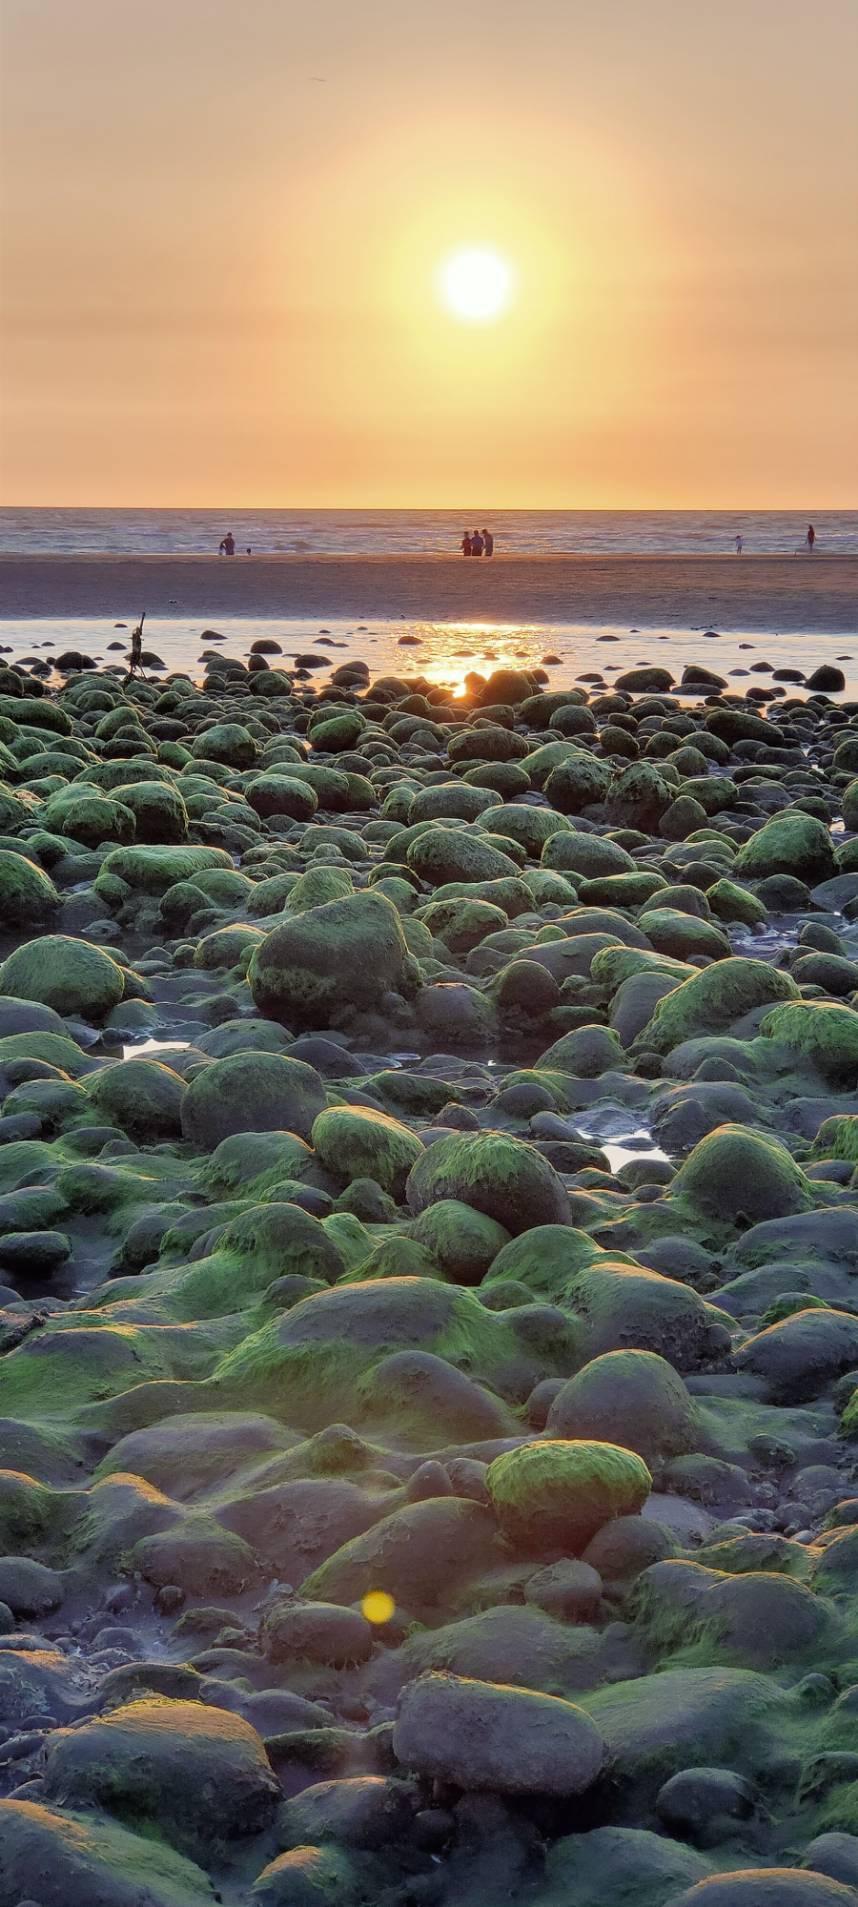 夕陽映照下,苗栗縣苑裡鎮西平里出水抹茶石海灘美不勝。圖/曾雪花提供